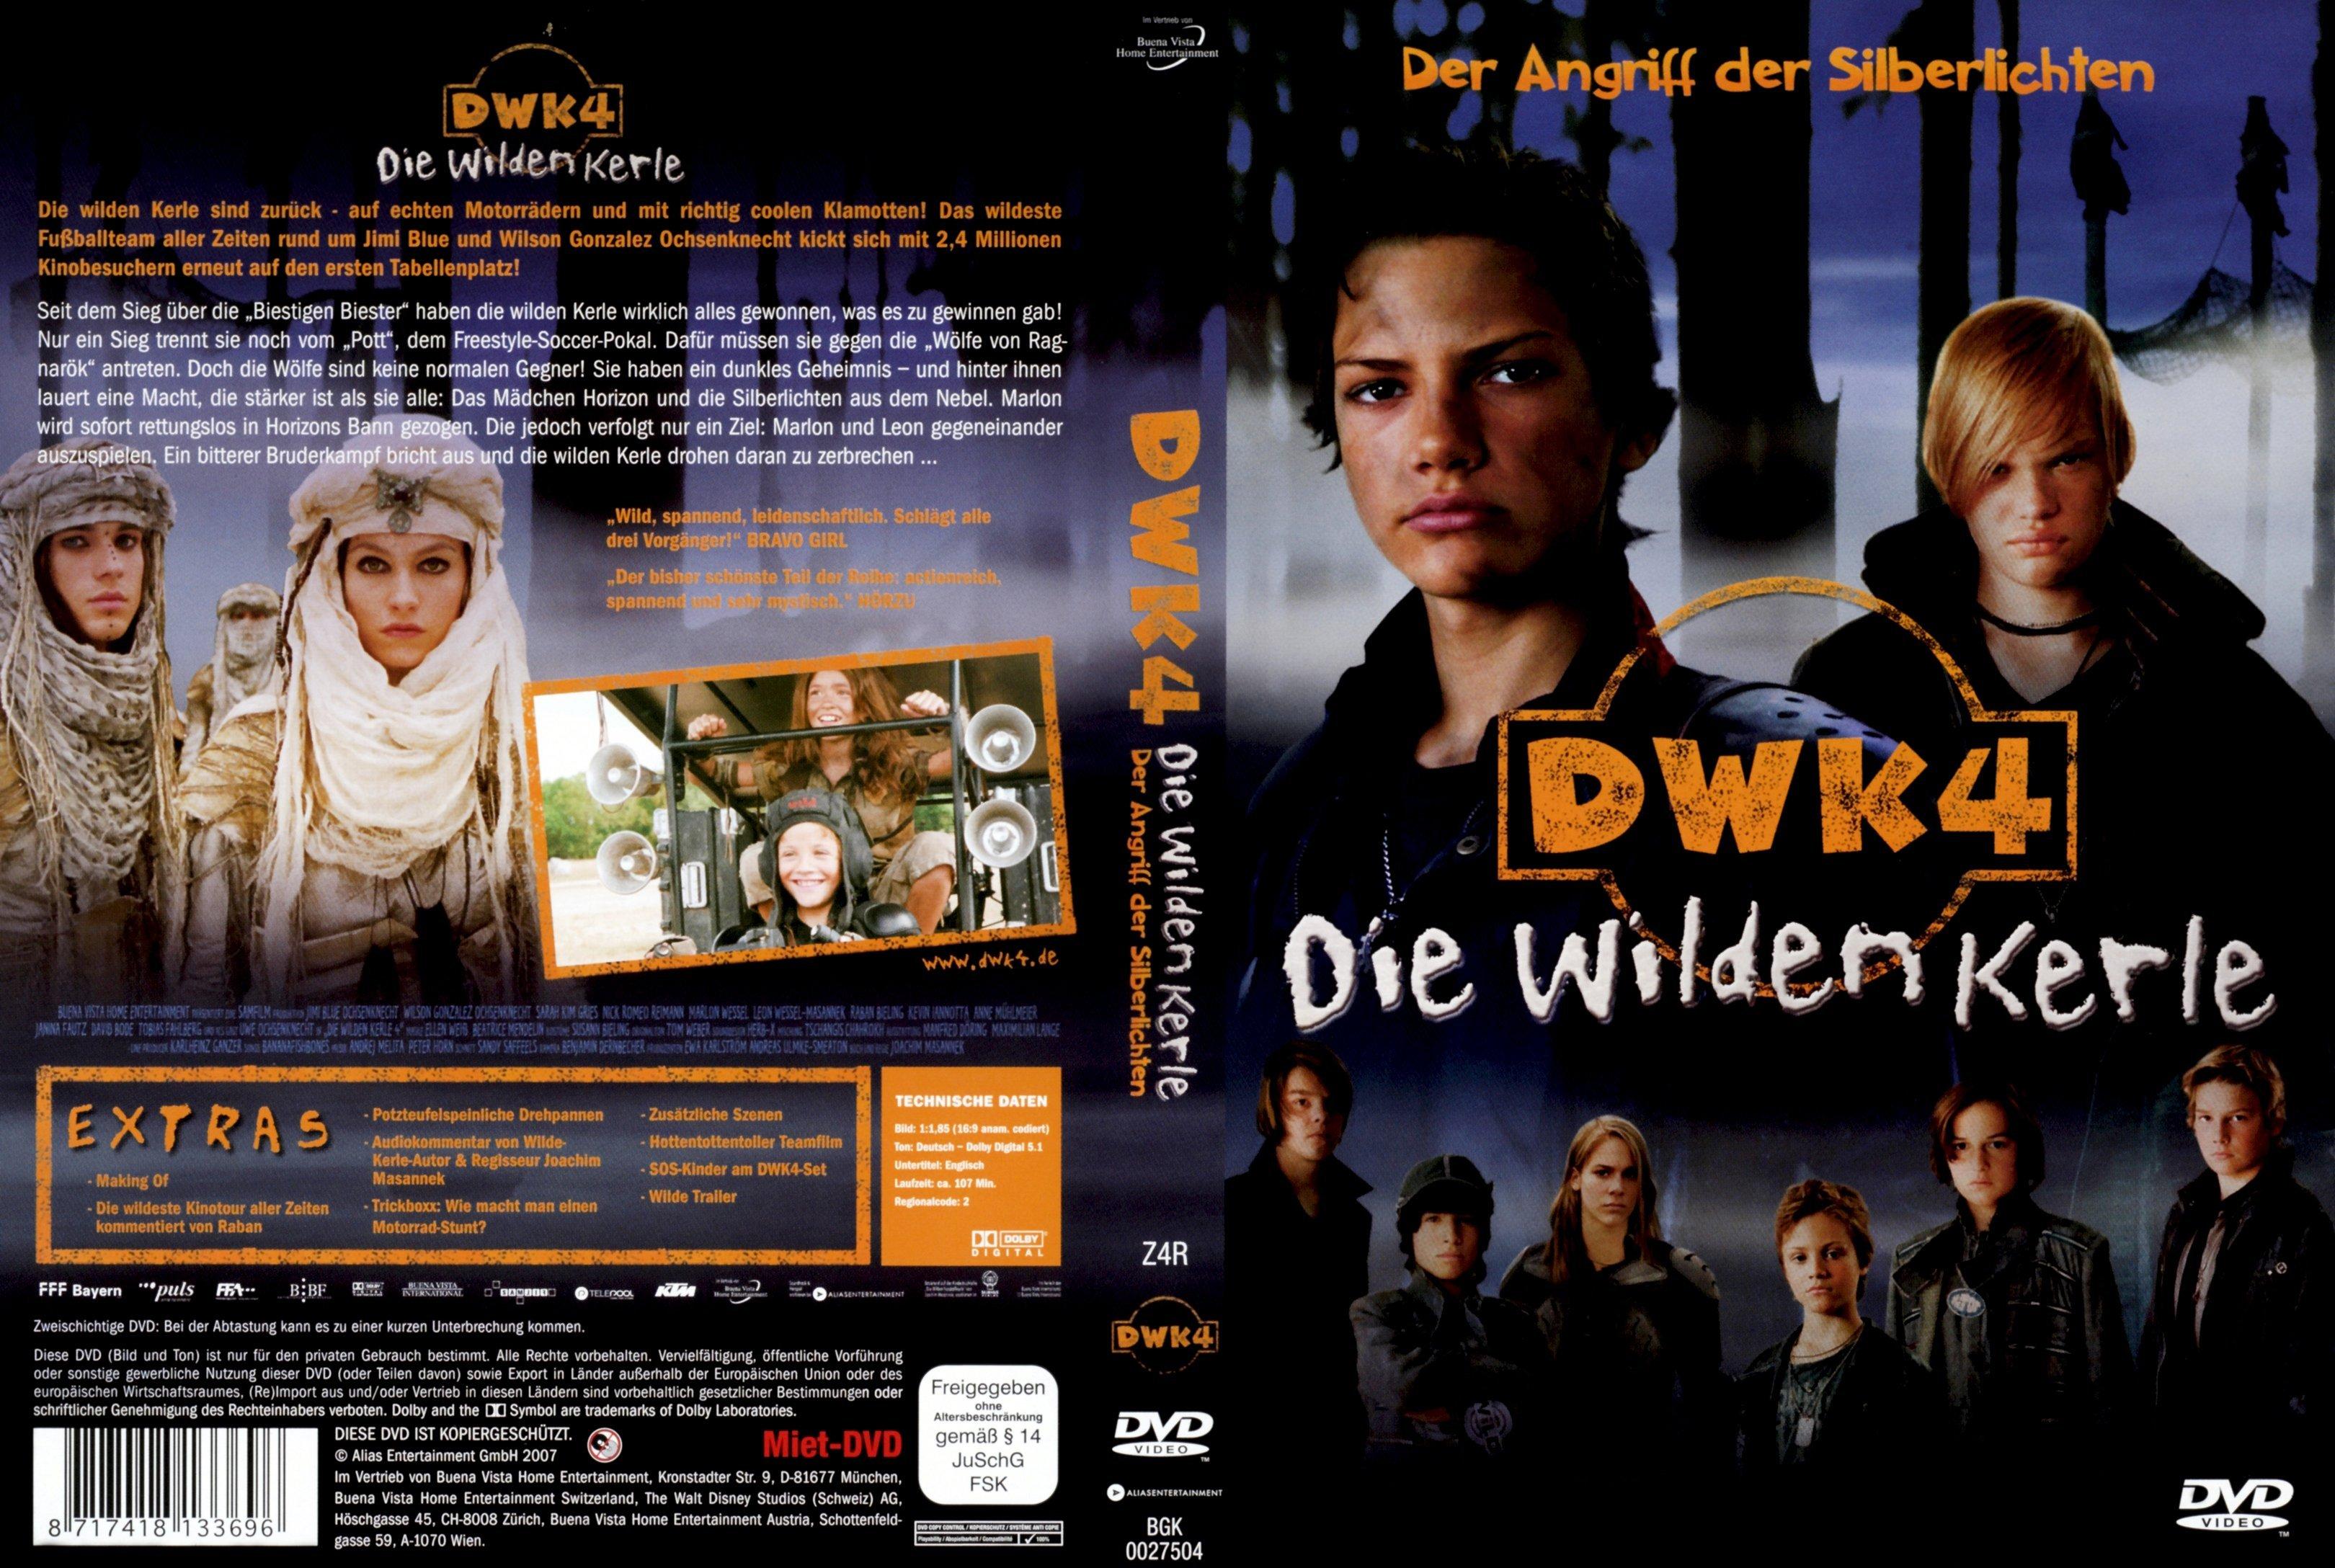 Ganzer, echte Kerle (1996) Filme Stream Complete Deutsch